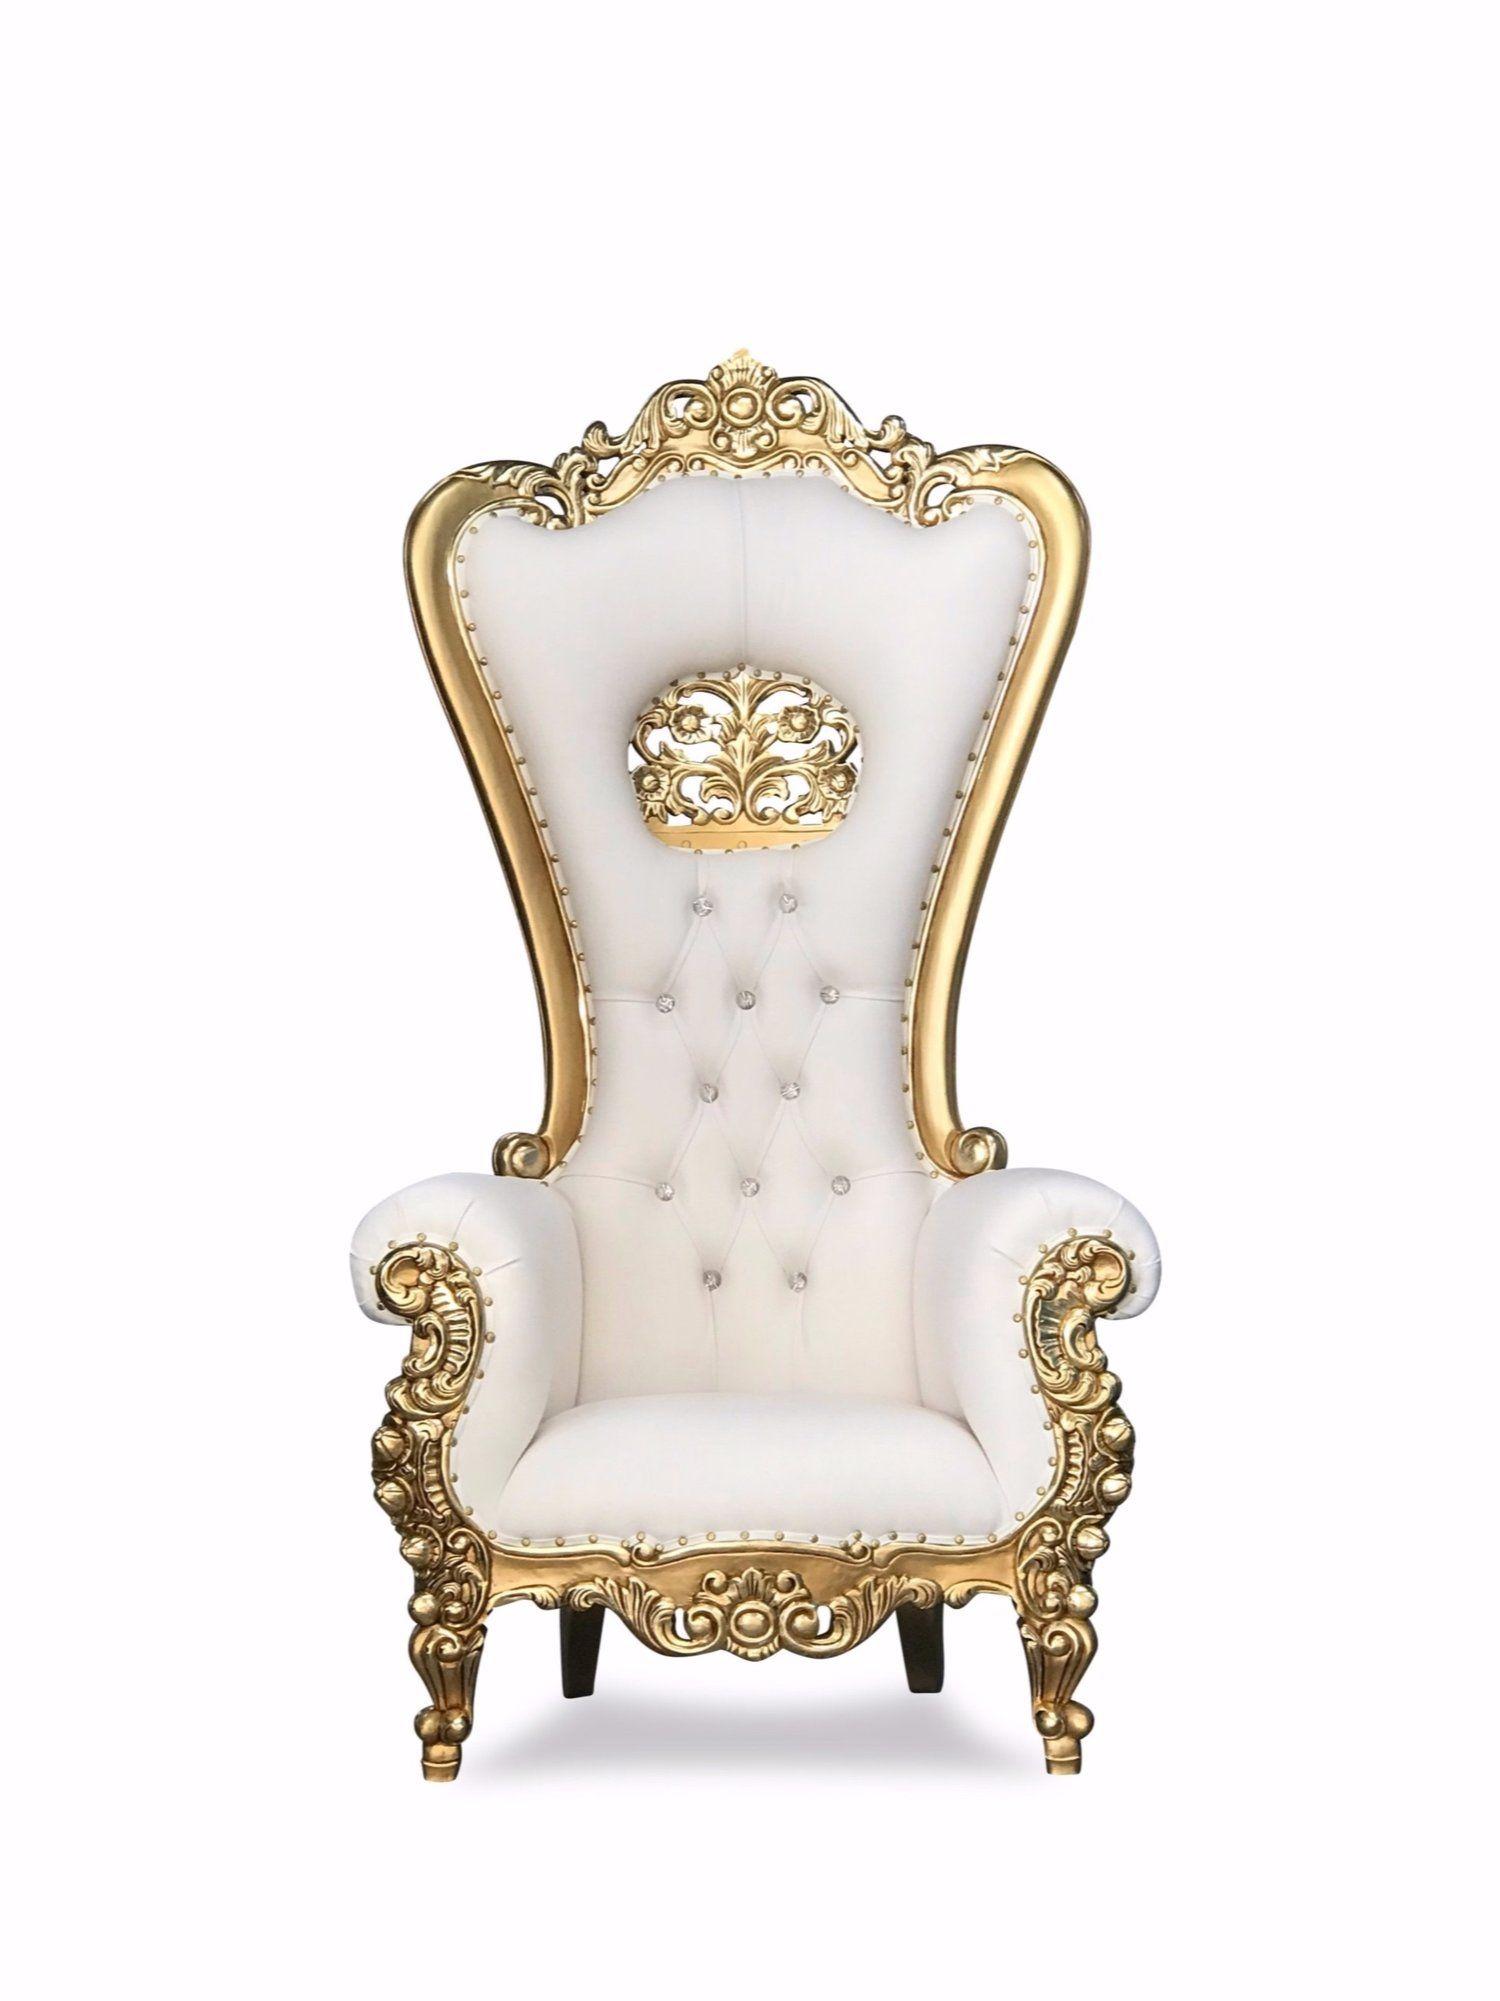 72 Blooma C Throne Throne Chair Chair Throne